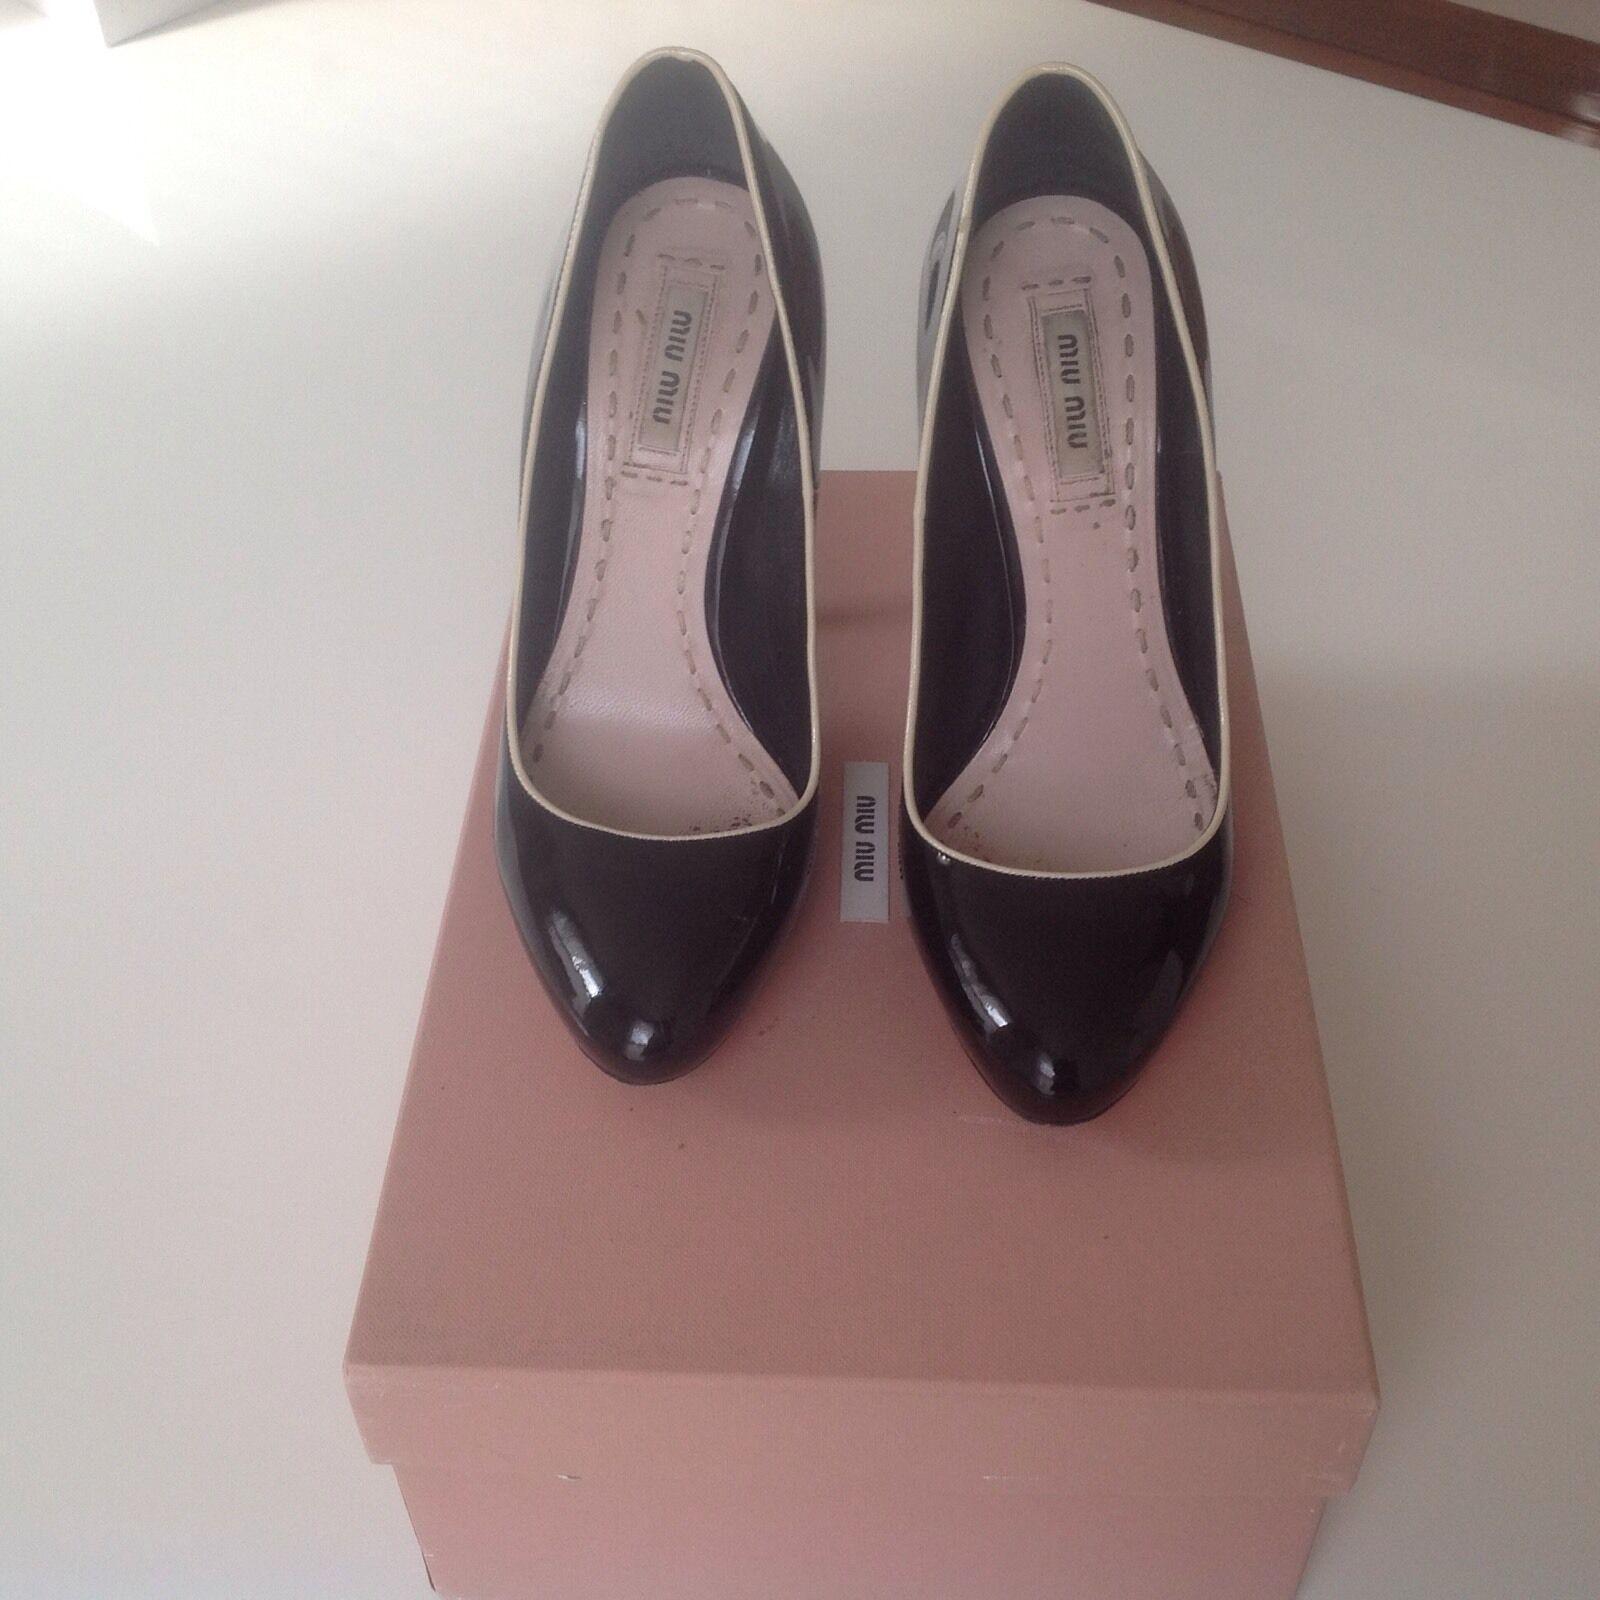 Authentic miu miu high heels nero  nude Dimensione 36 scarpe